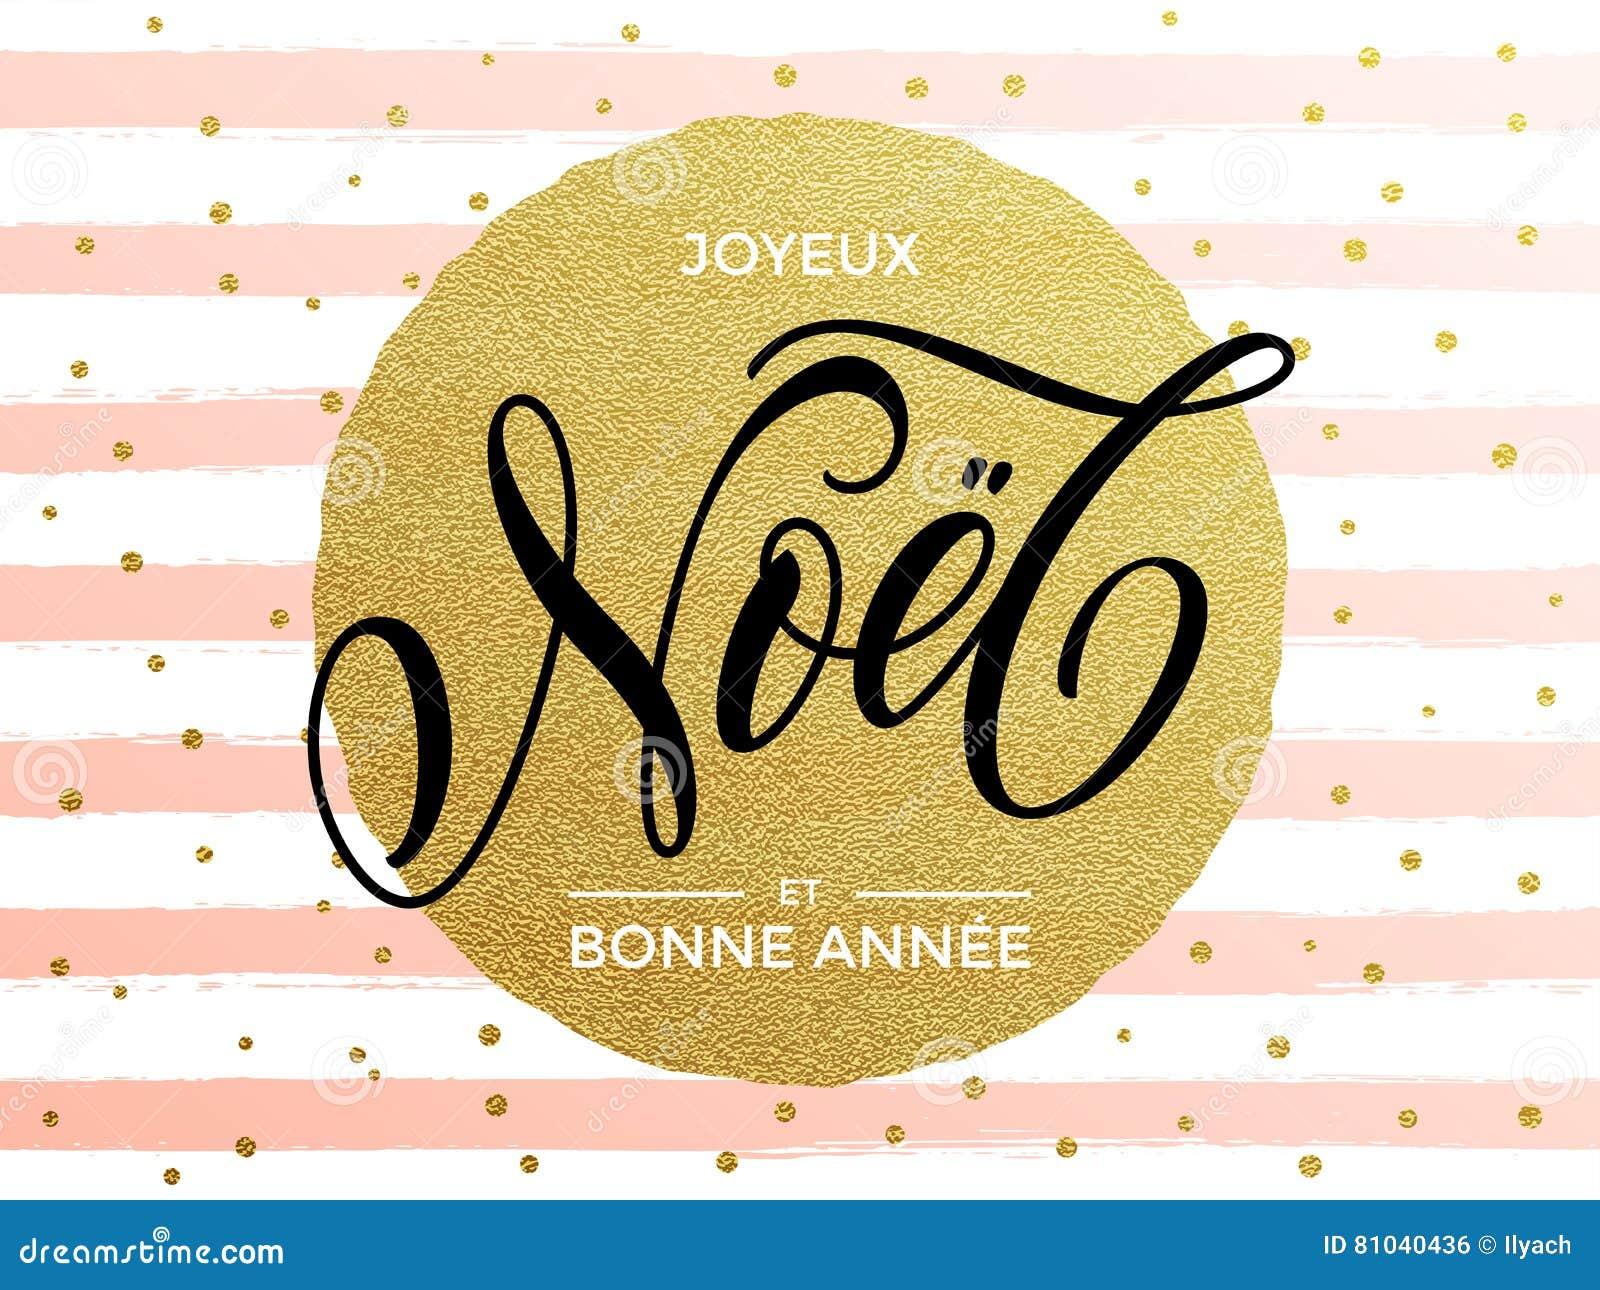 Joyeux no l fran ais texte bonne anne joyeux noel de - Bonne nouvelle anne ...